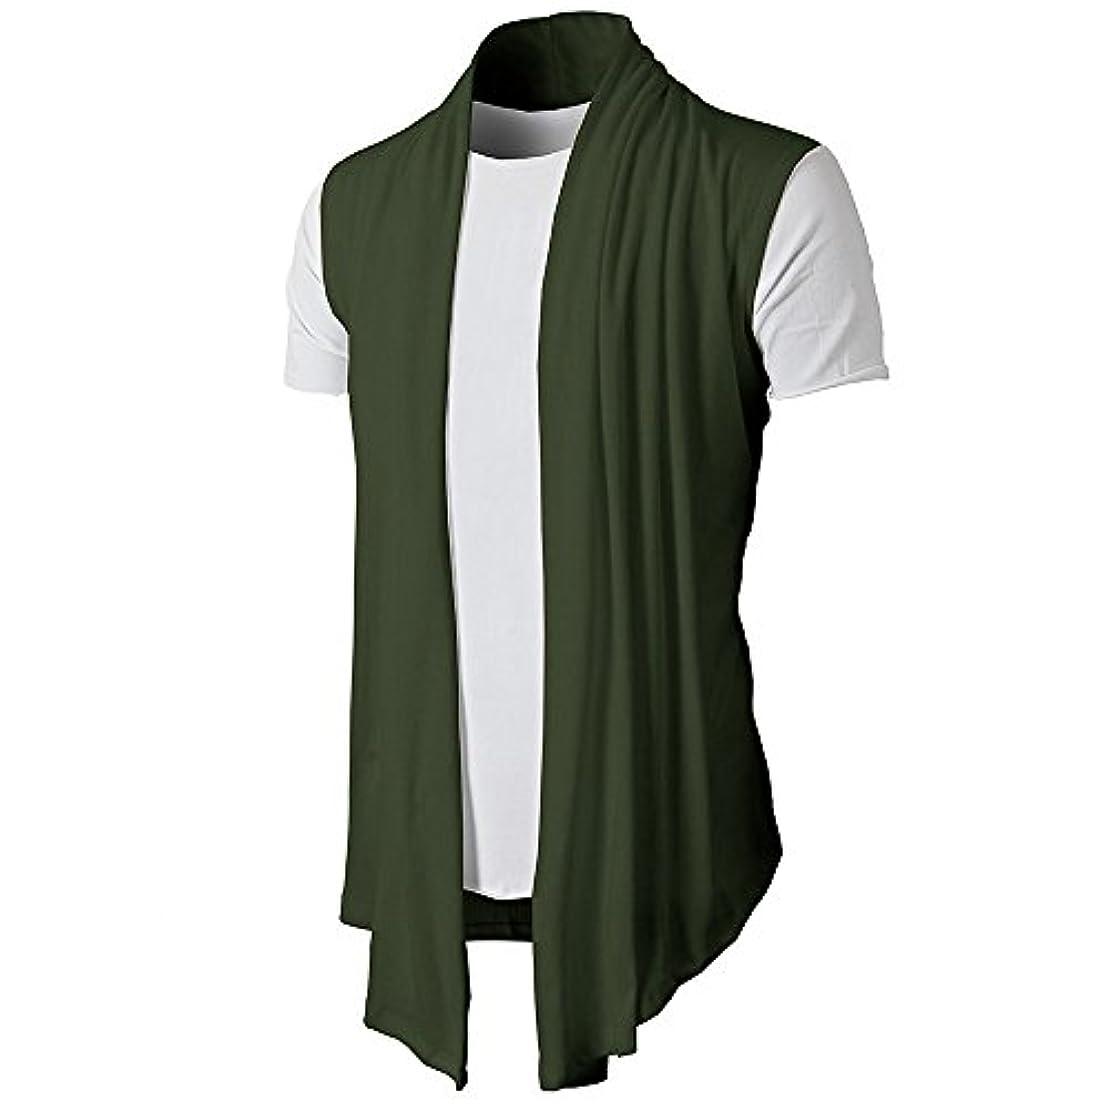 アダルト残基開発するtシャツ メンズ, Glennoky メンズ tシャツ おおきいサイズ 半袖 着回し 上着 日常着 トップス スウェット スポーツ おもしろtシャツ おしゃれ 春夏 無地 ファッション 速乾 シャツ アウトドア 大人気